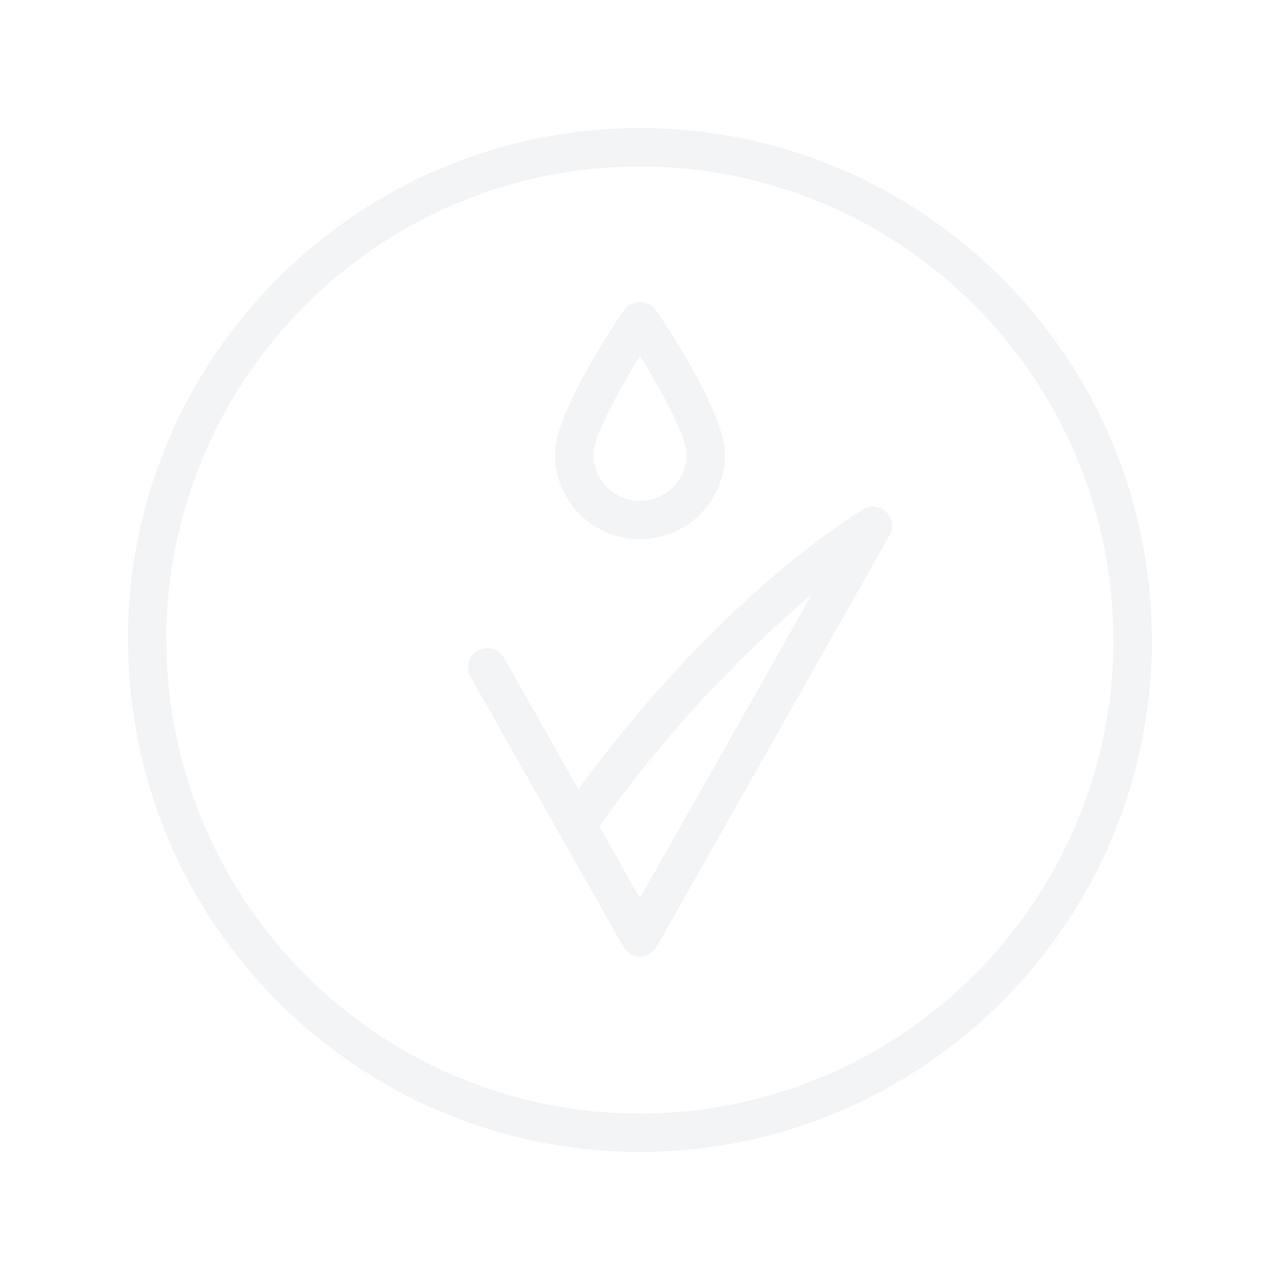 ZADIG & VOLTAIRE This Is Her 50ml Eau De Parfum Gift Set